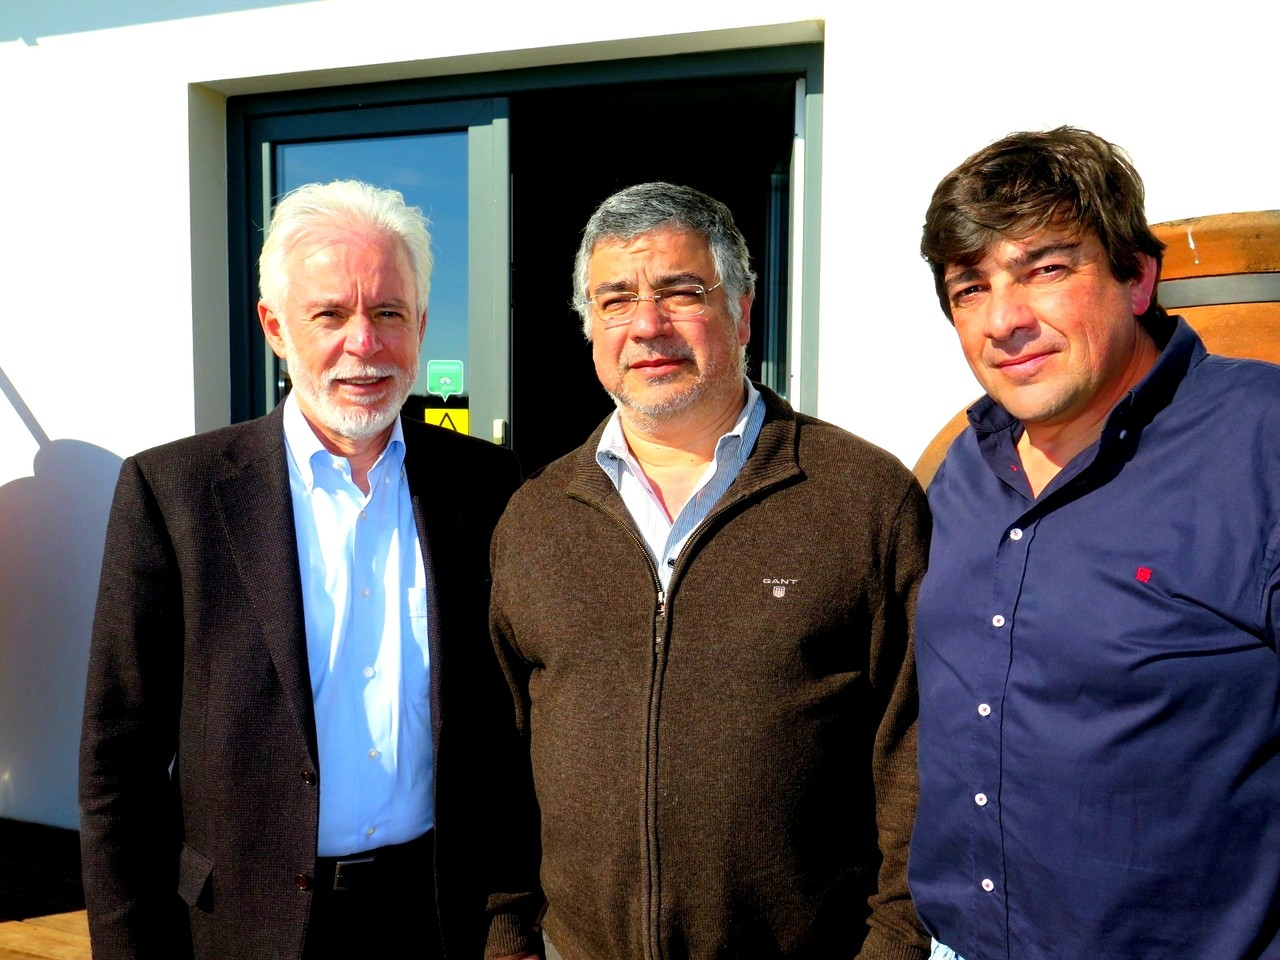 Manuel Narra, Presidente da Câmara Municipal de Vidigueira, entre os dois sócios da Ribafreixo Wines, Manuel Pinheiro e Nuno Bicó